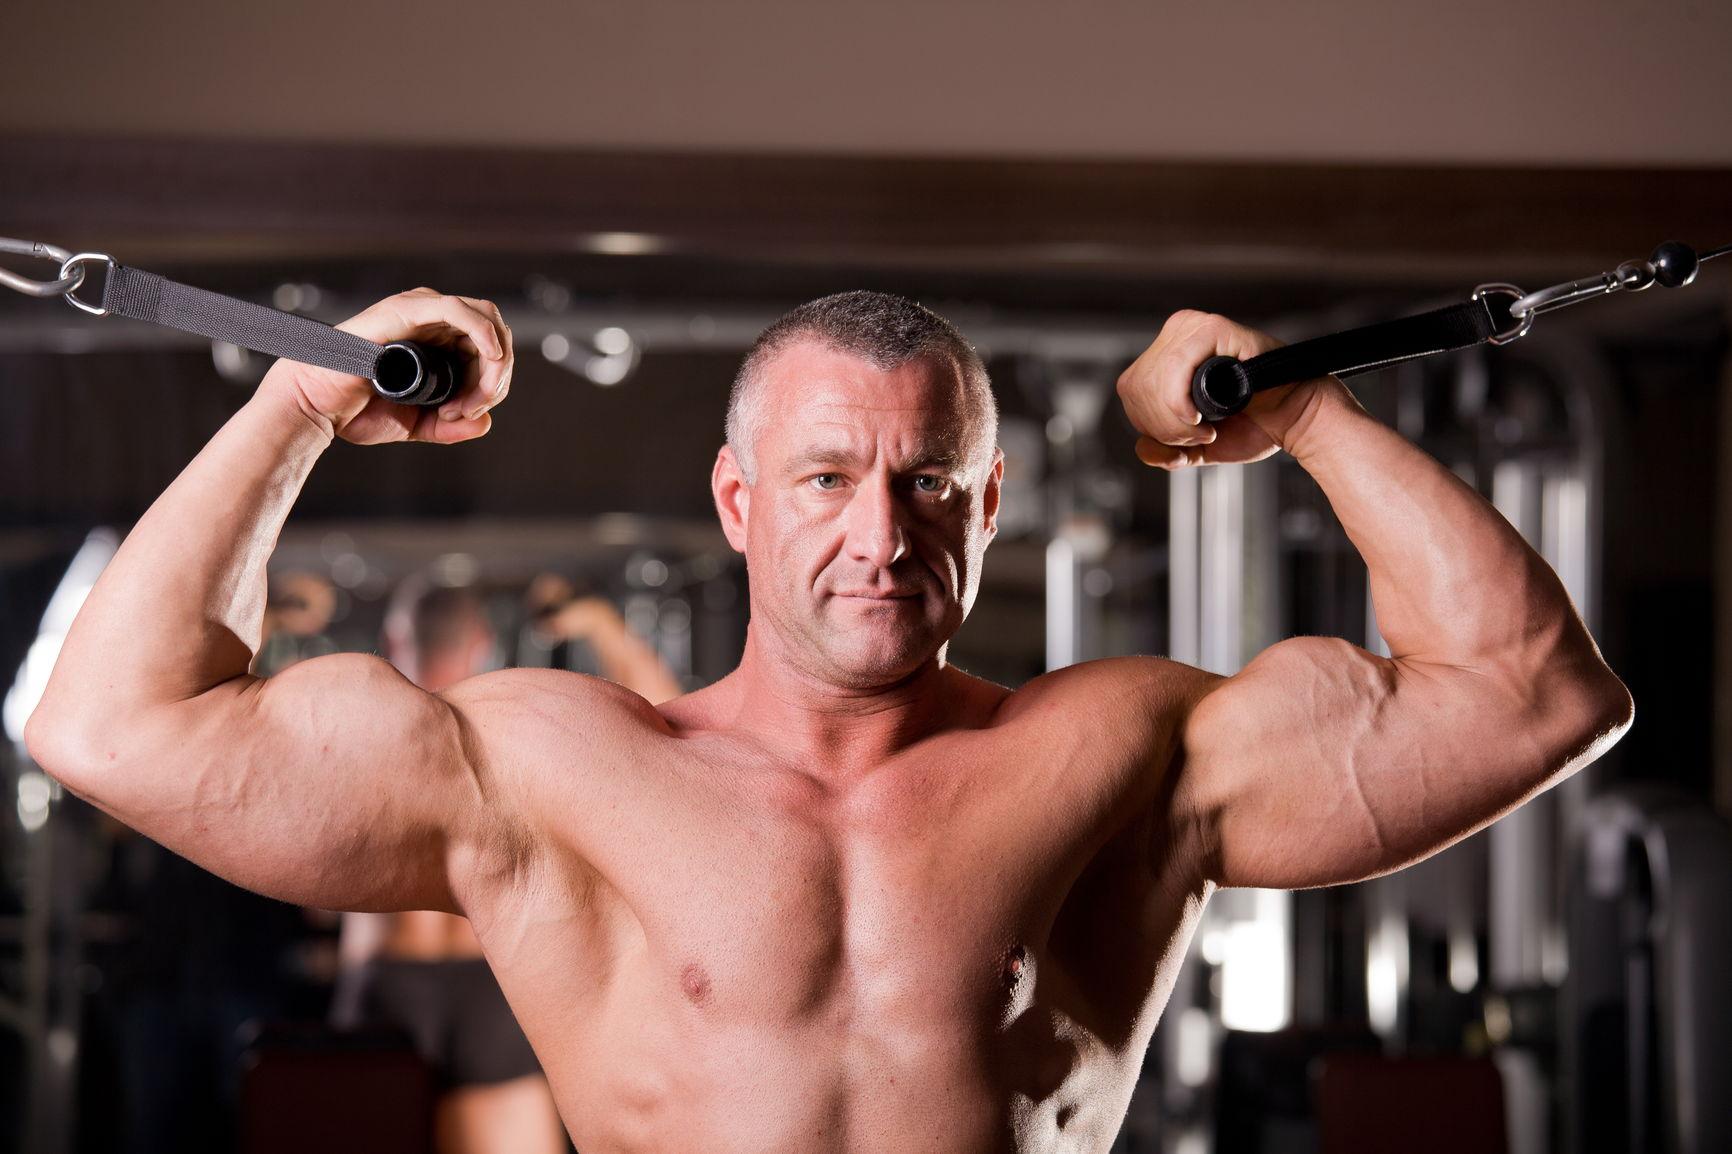 unngå for lavt testosteronnivå